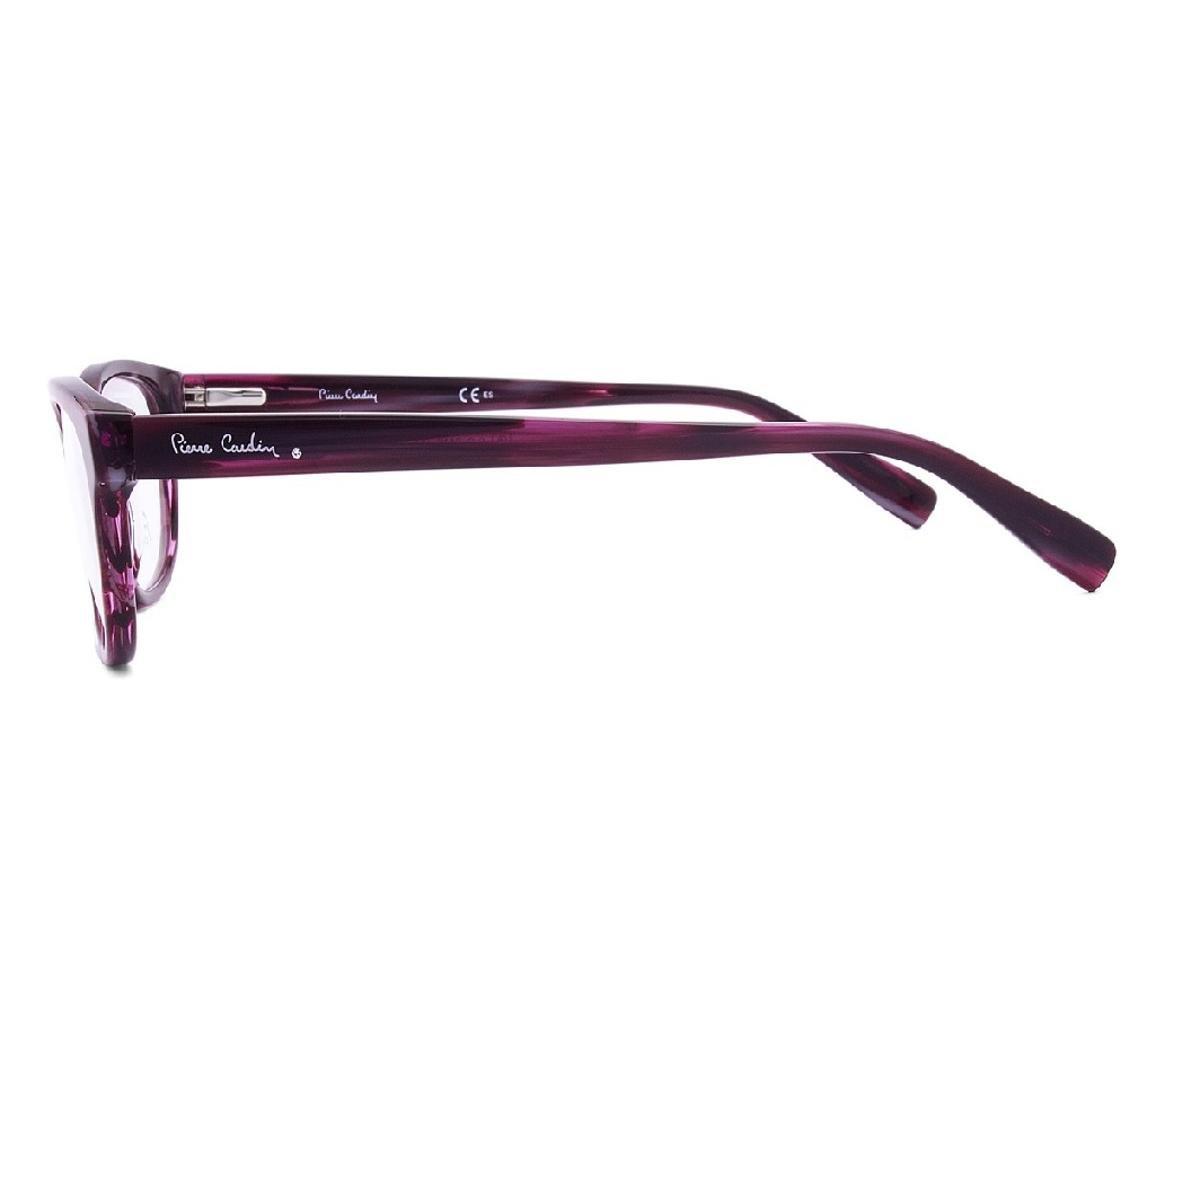 01e061424d60c Armação Óculos de Grau Pierre Cardin PC8448 7FF 5,3 cm - Roxo ...